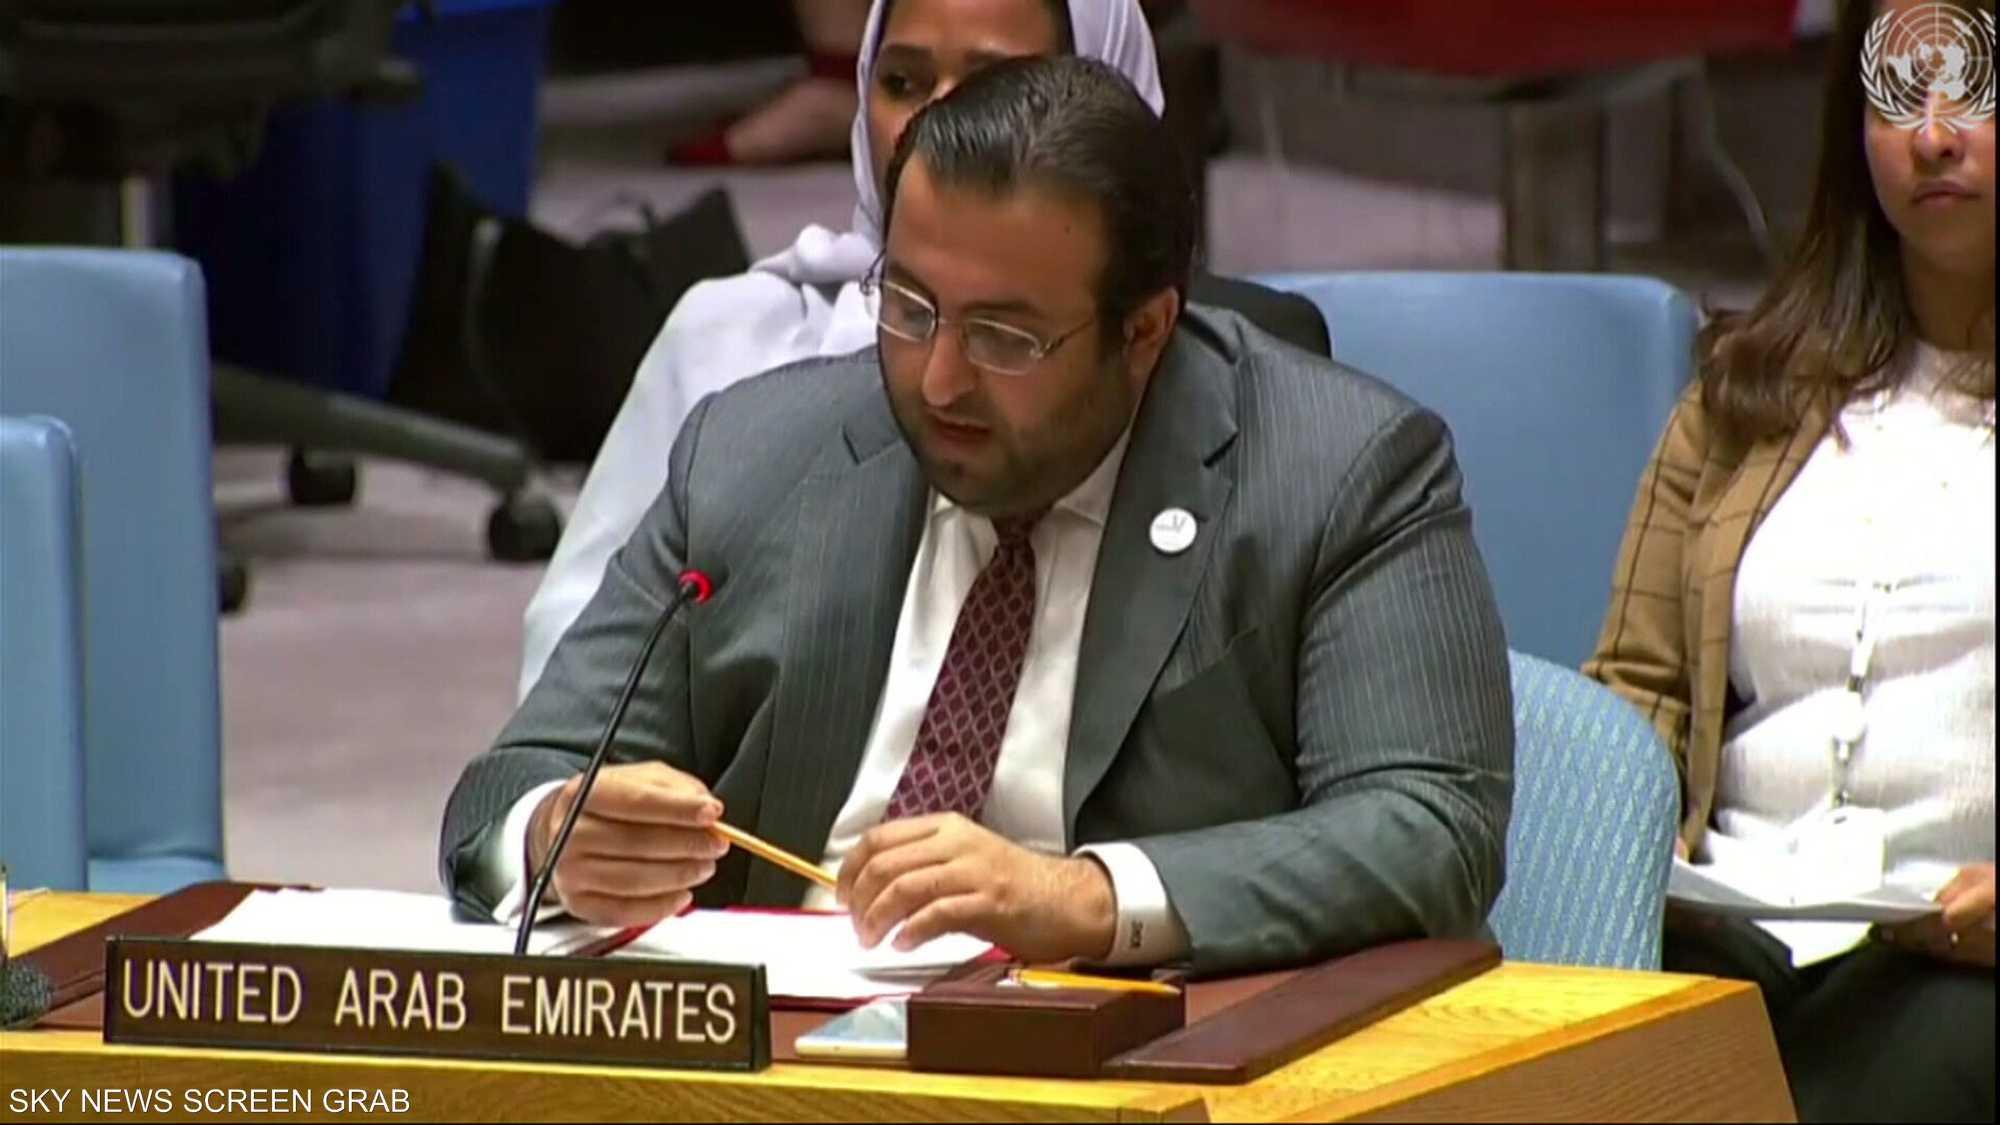 الشامسي: الإمارات دعت دائما إلى الحوار لحل خلافات اليمن